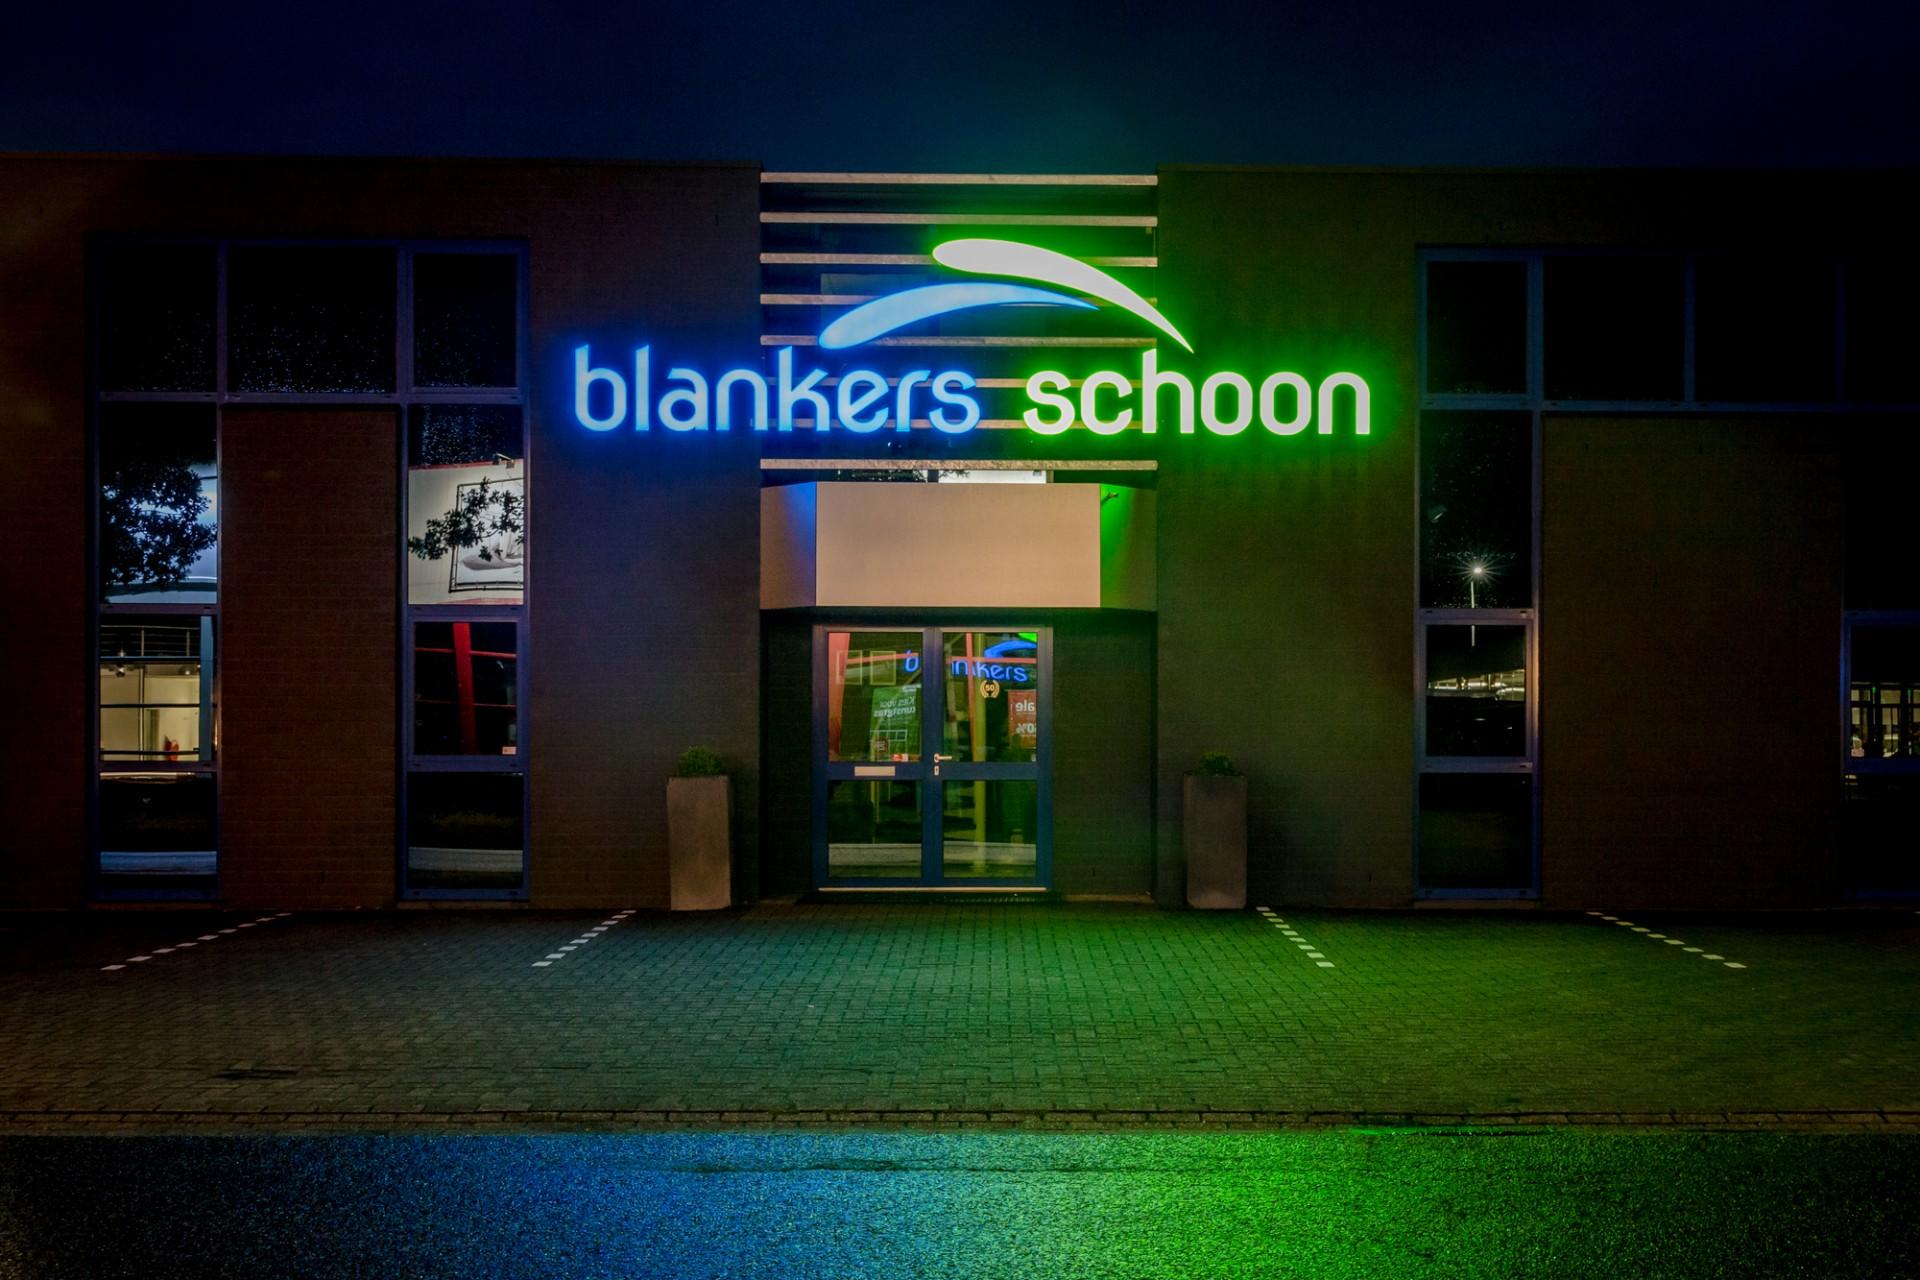 Lichtreclame uitgevoerd in doosletters - Blankers Schoon, Weert